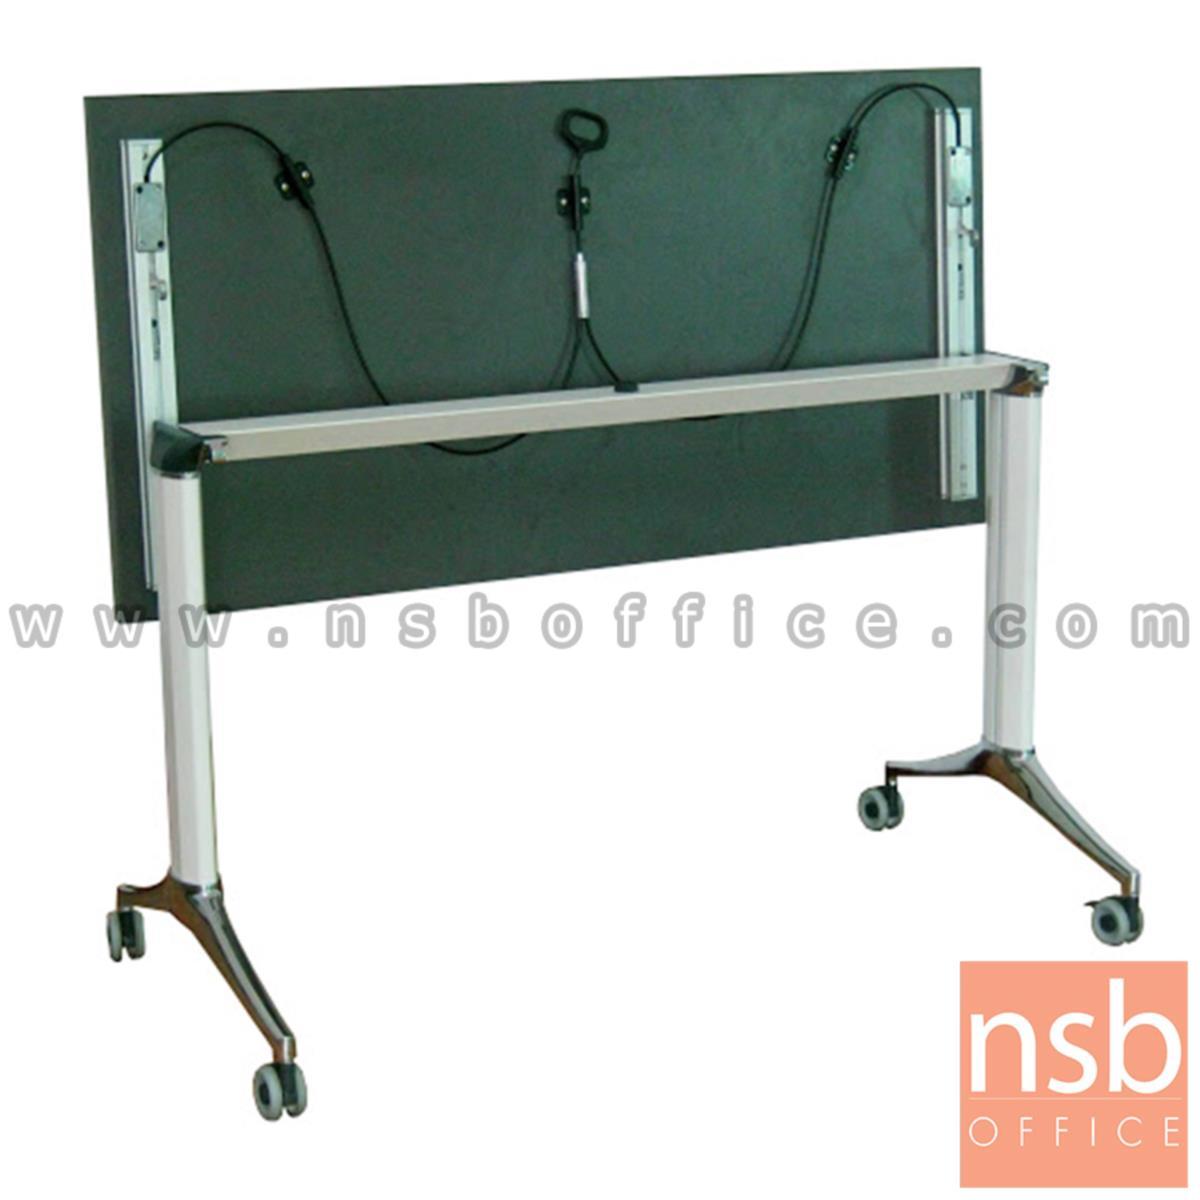 โต๊ะประชุมพับเก็บได้ล้อเลื่อน  ขนาด 120W ,160W ,180W cm.  ขาผลิตจากอลูมินั่ม